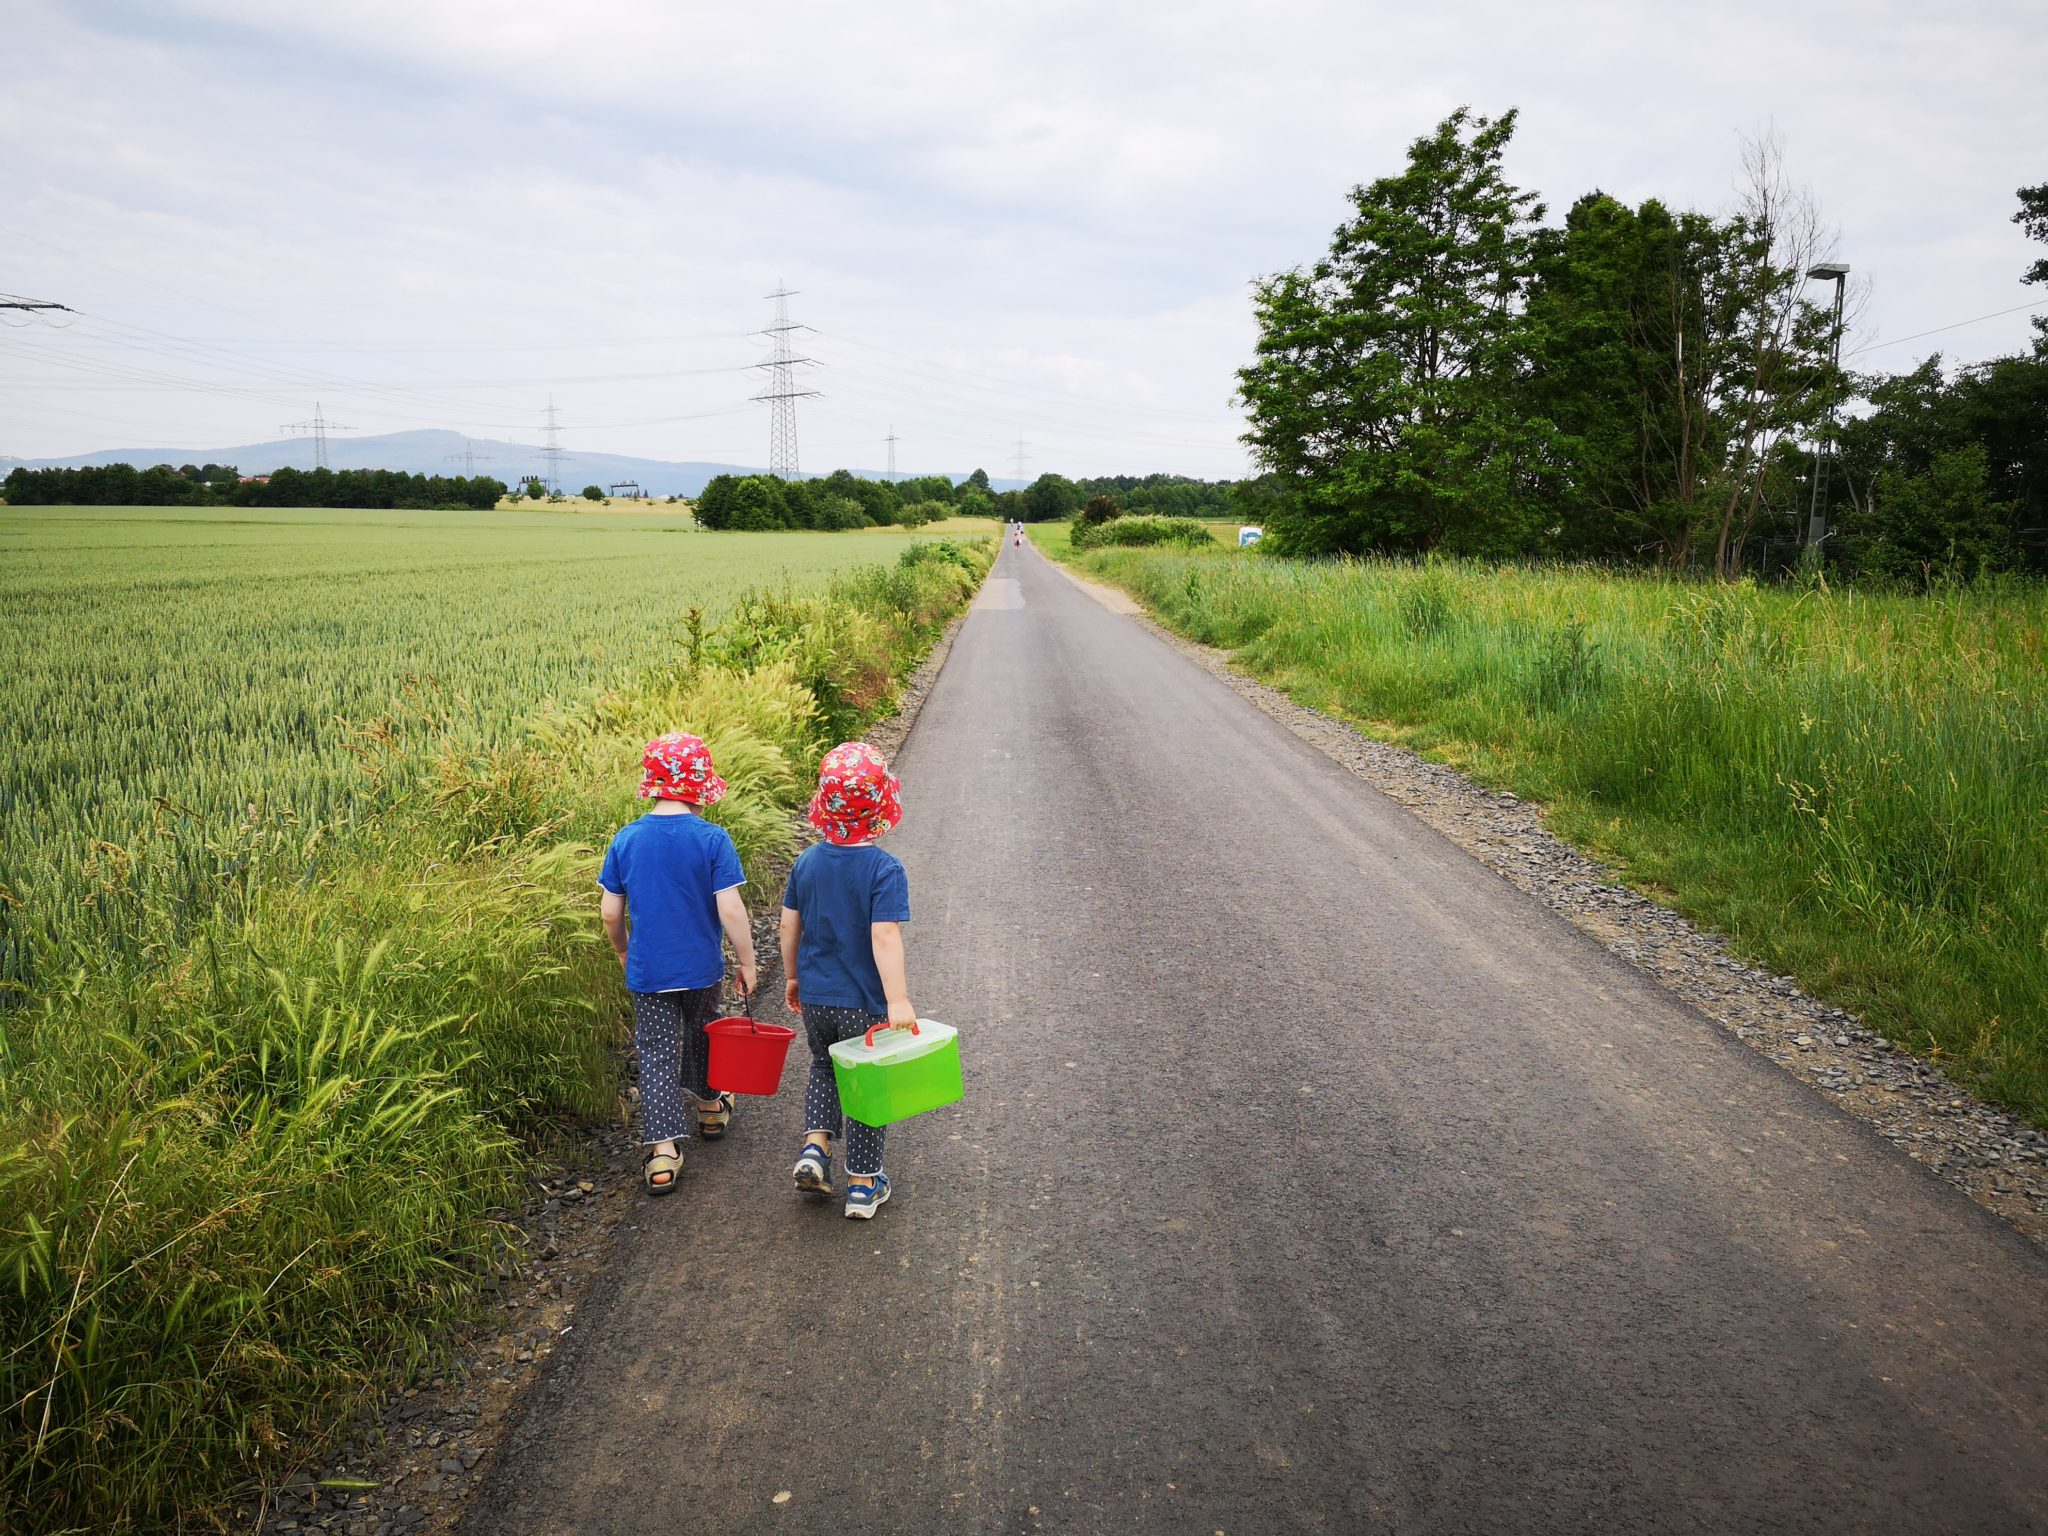 Erdbeerpflücken auf dem Erdbeerfeld in Praunheim